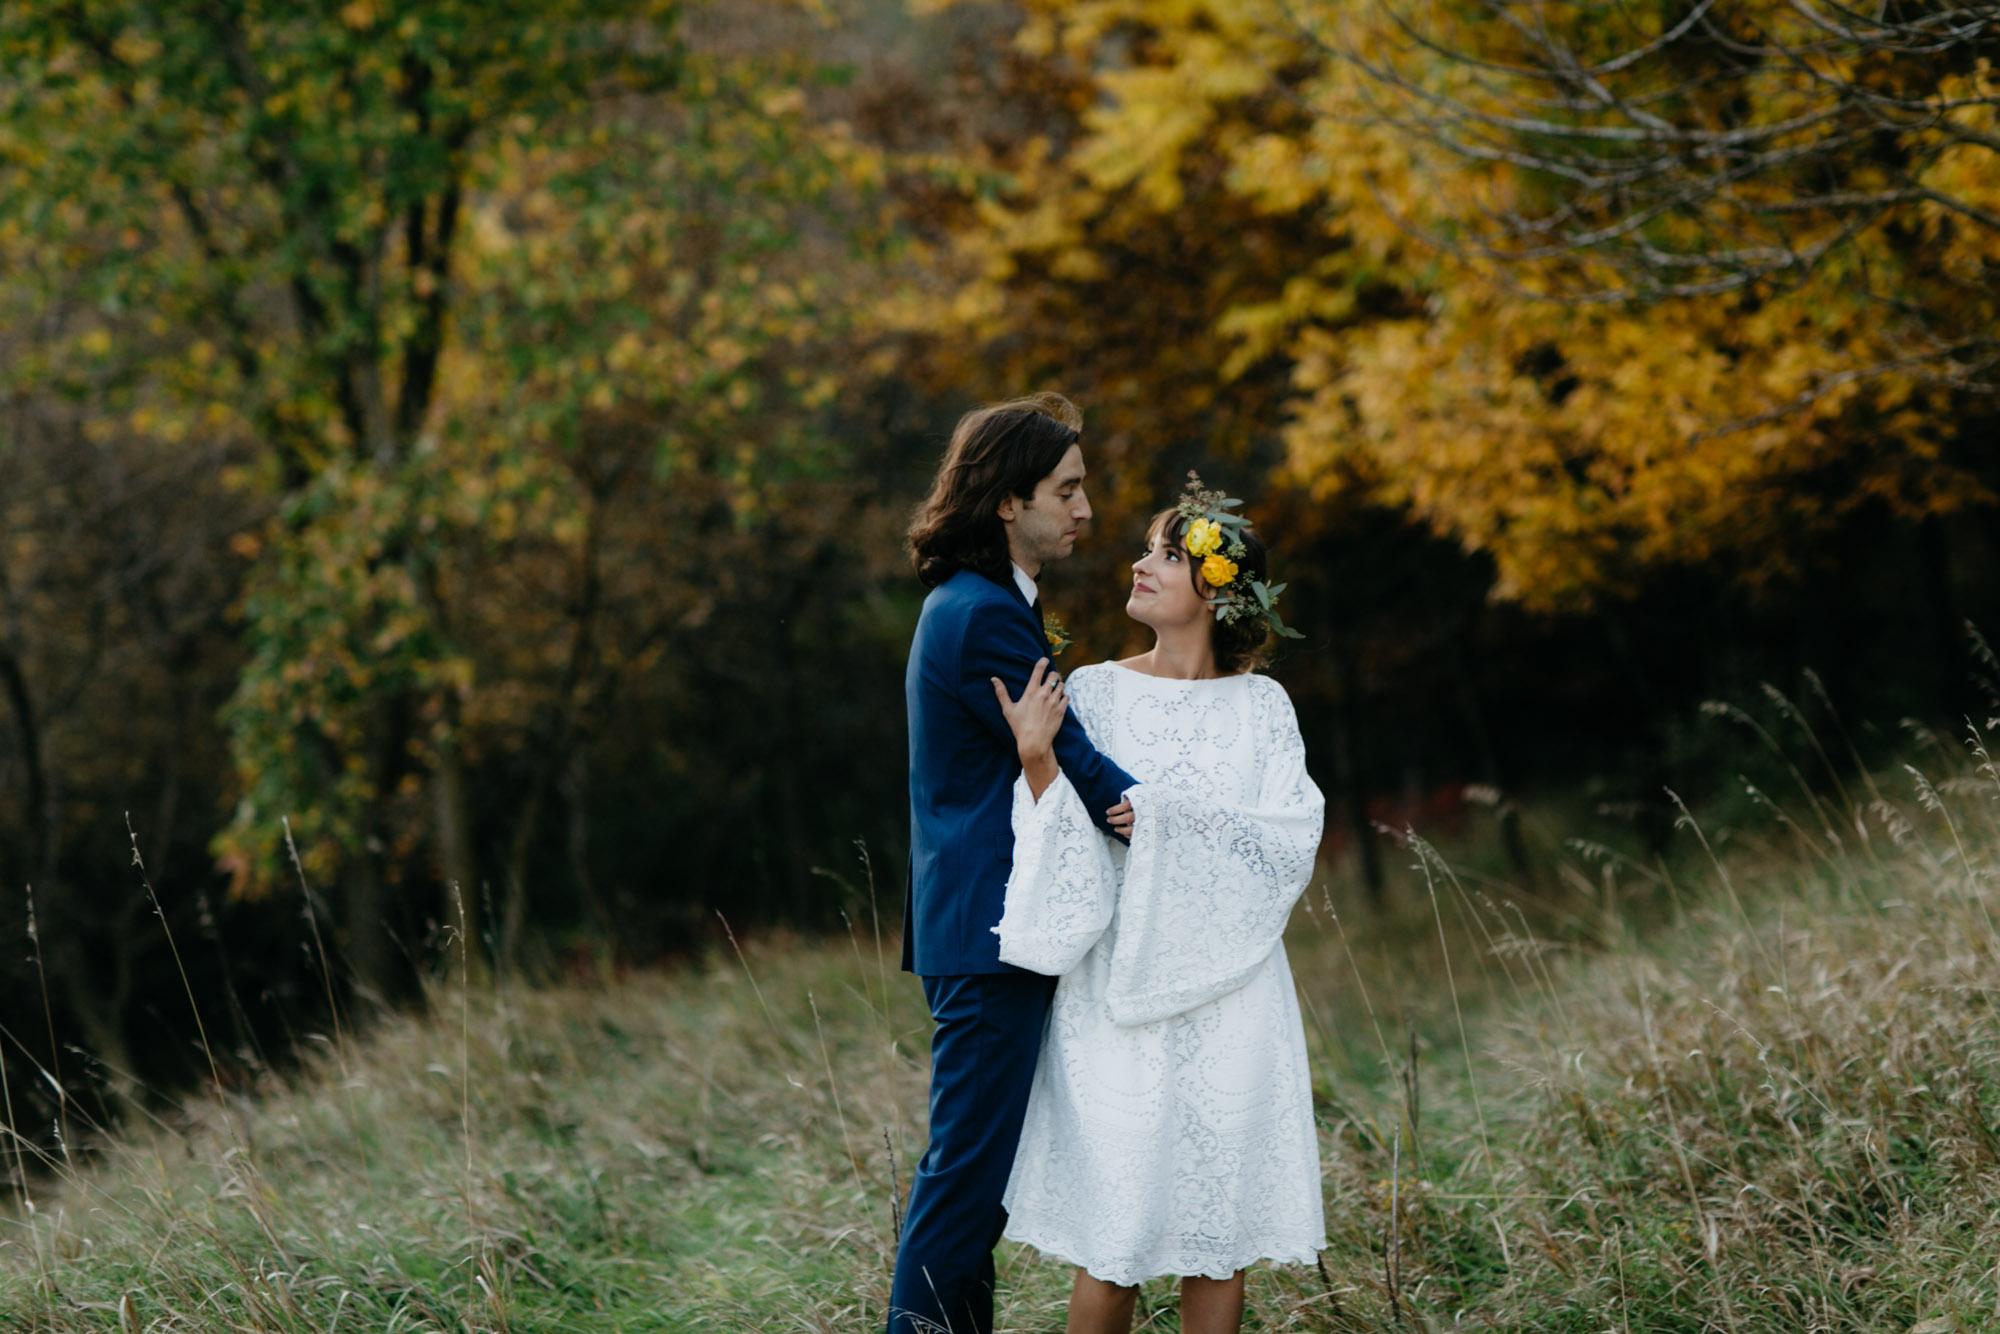 omaha-elopement-photographer-40.jpg